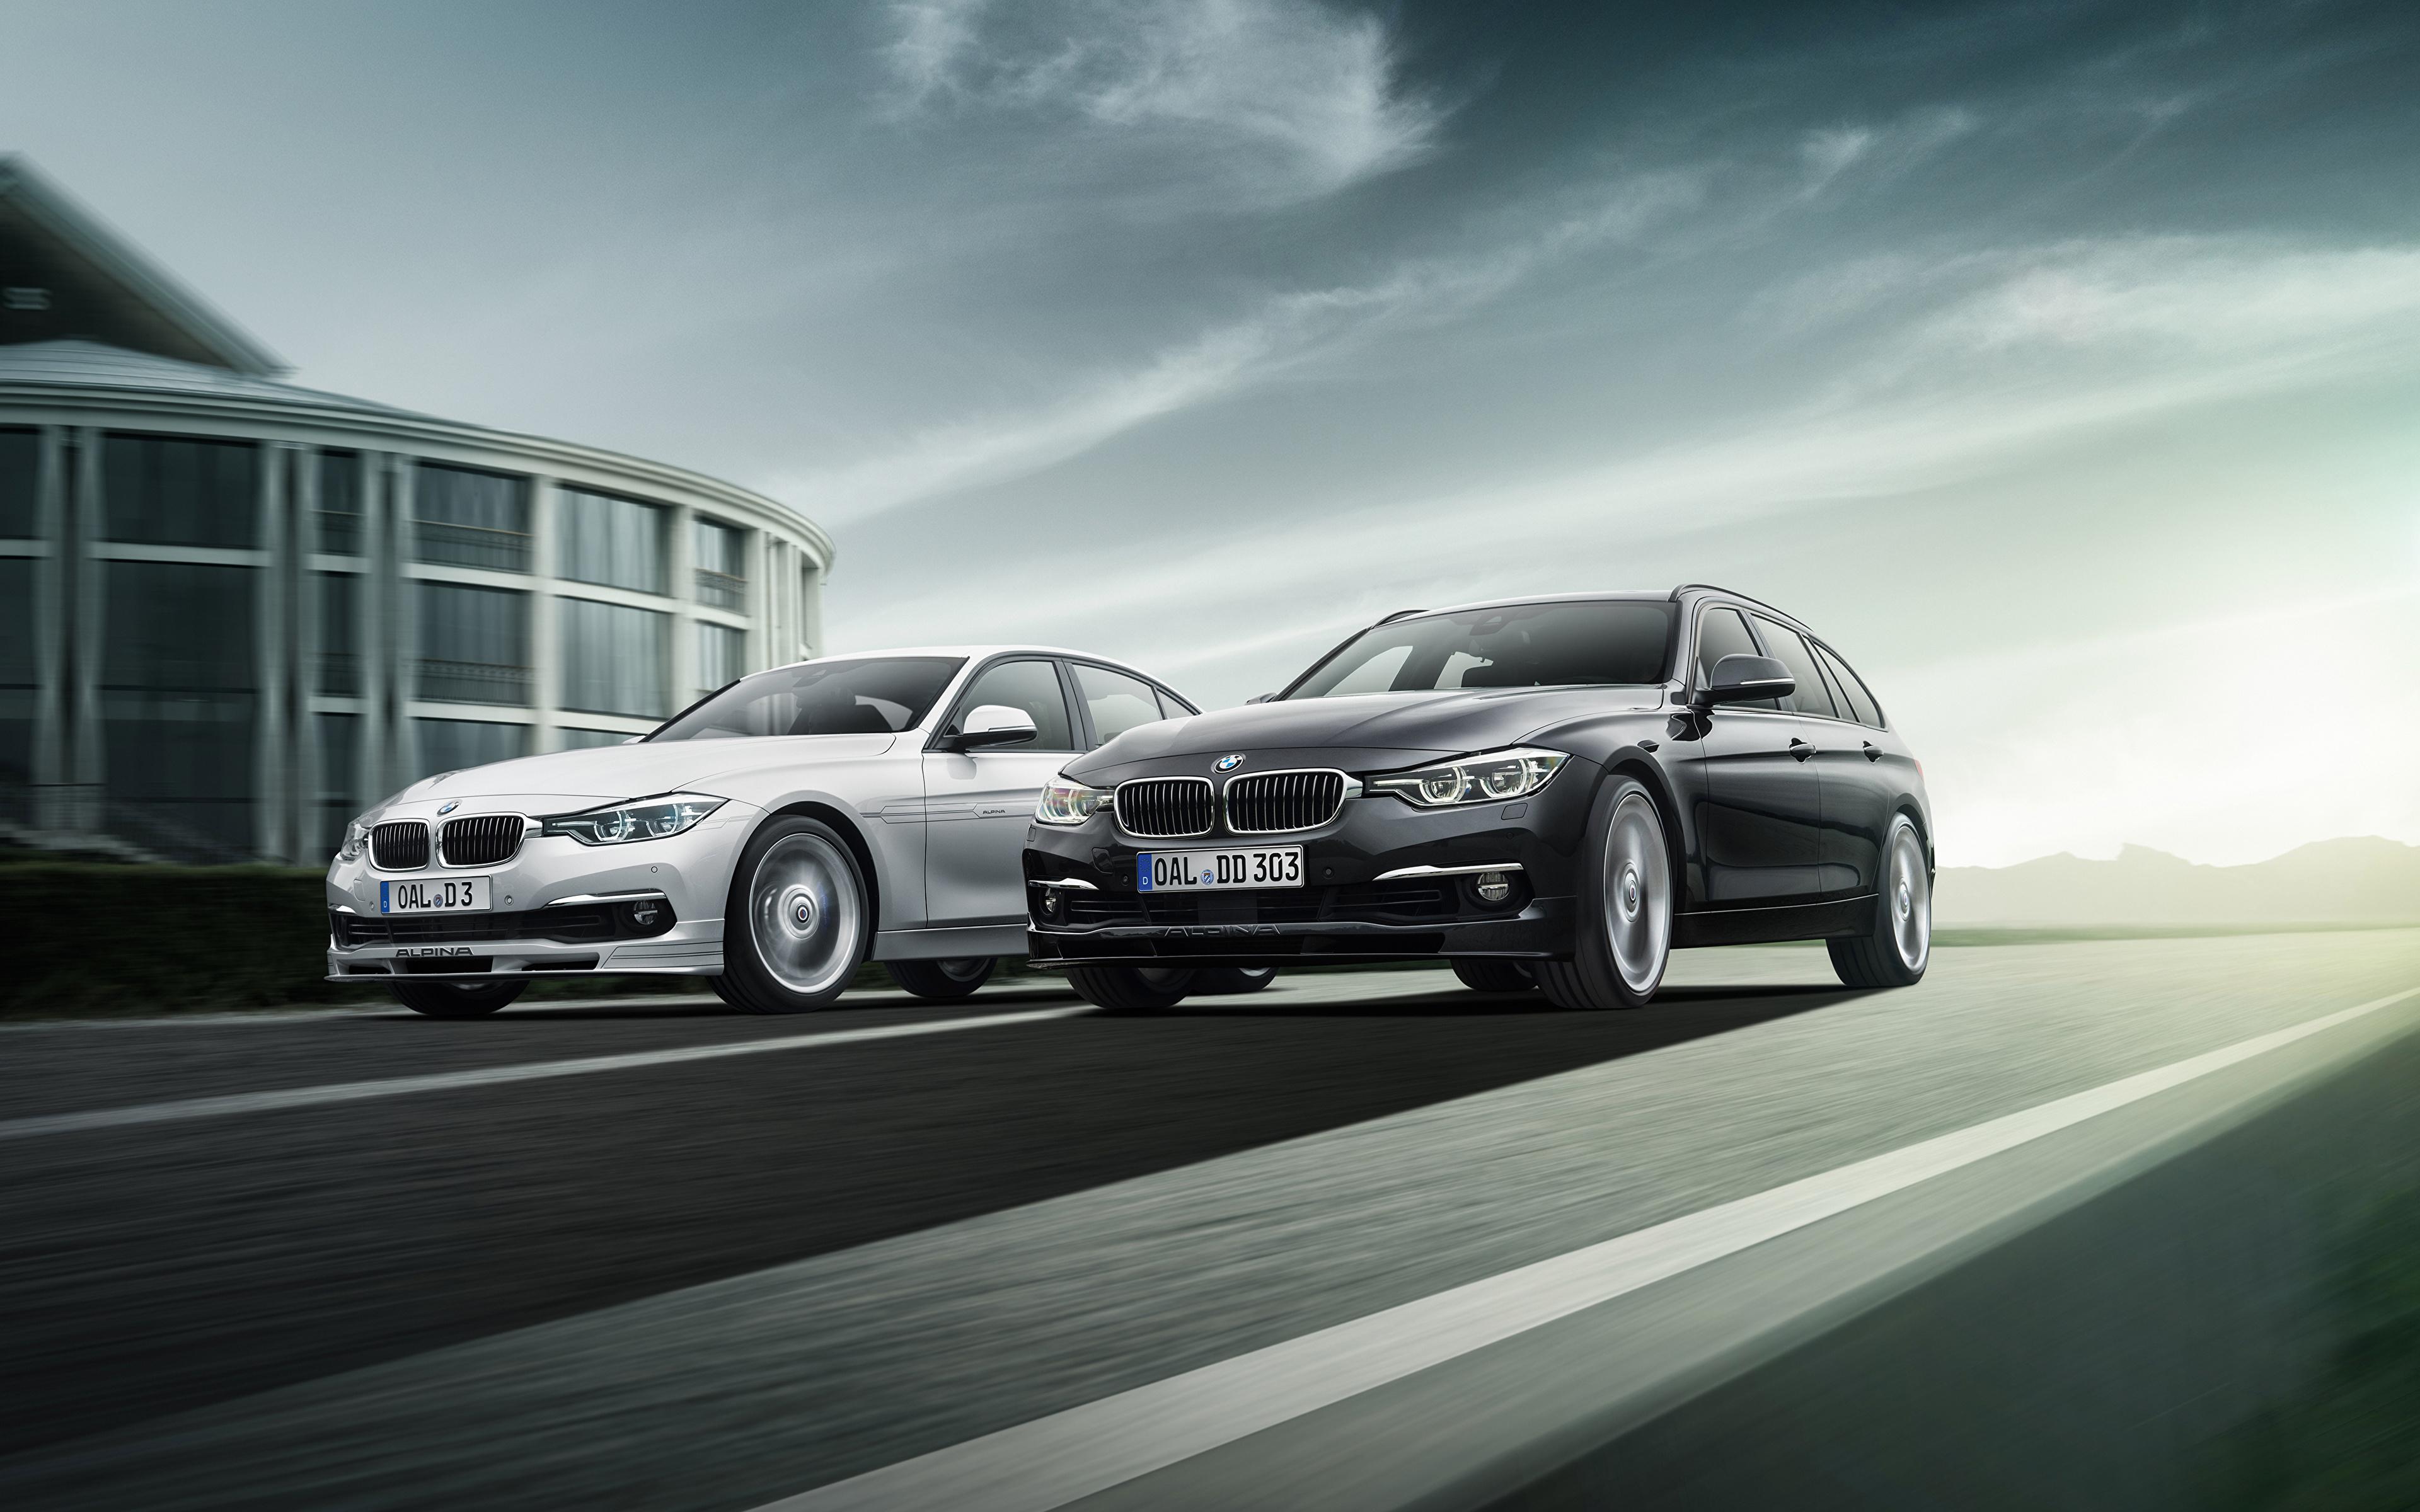 Фотография BMW F31 Alpina 2013 F30 3 Series вдвоем автомобиль 3840x2400 БМВ 2 два две Двое авто машины машина Автомобили